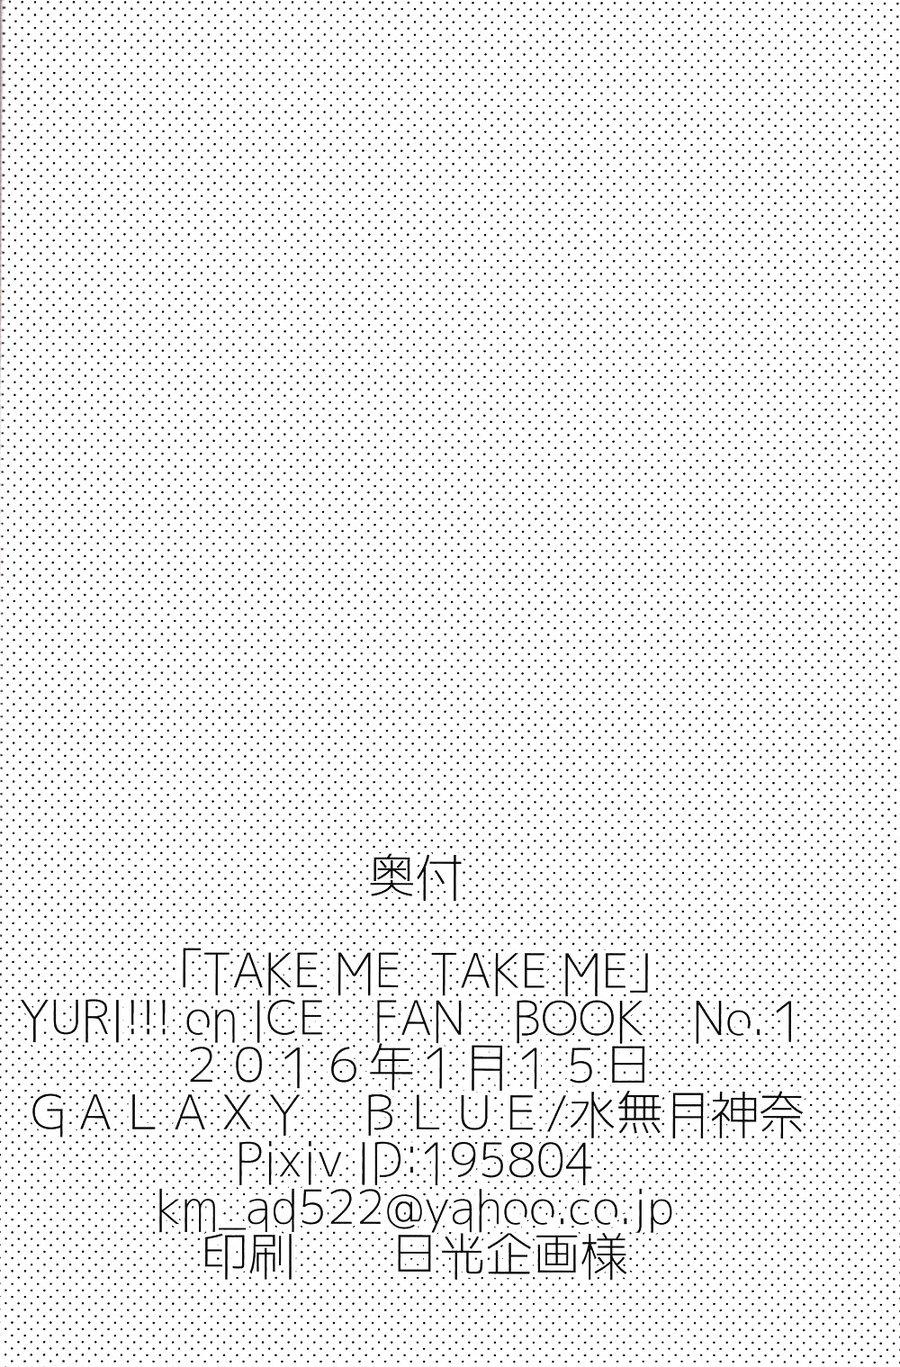 Yuri on Ice dj - Take Me Take Me Ch.1